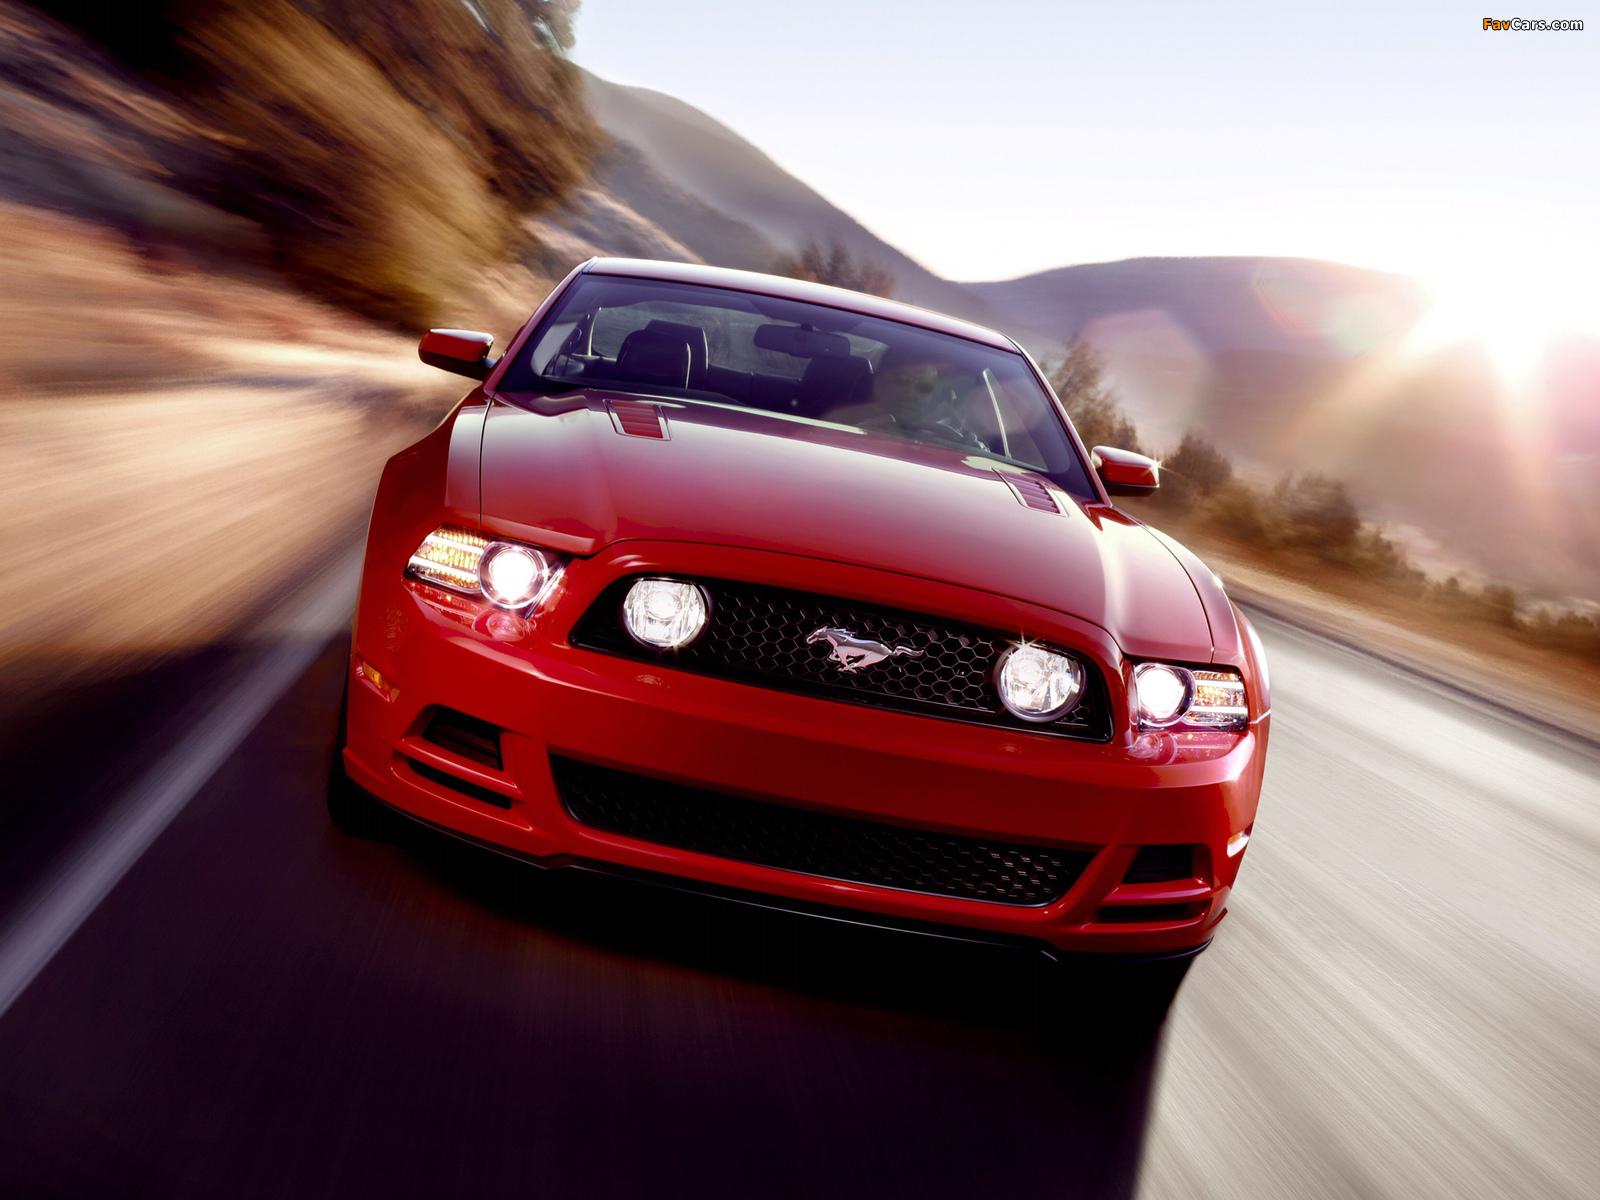 Mustang 5.0 GT 2012 photos (1600 x 1200)